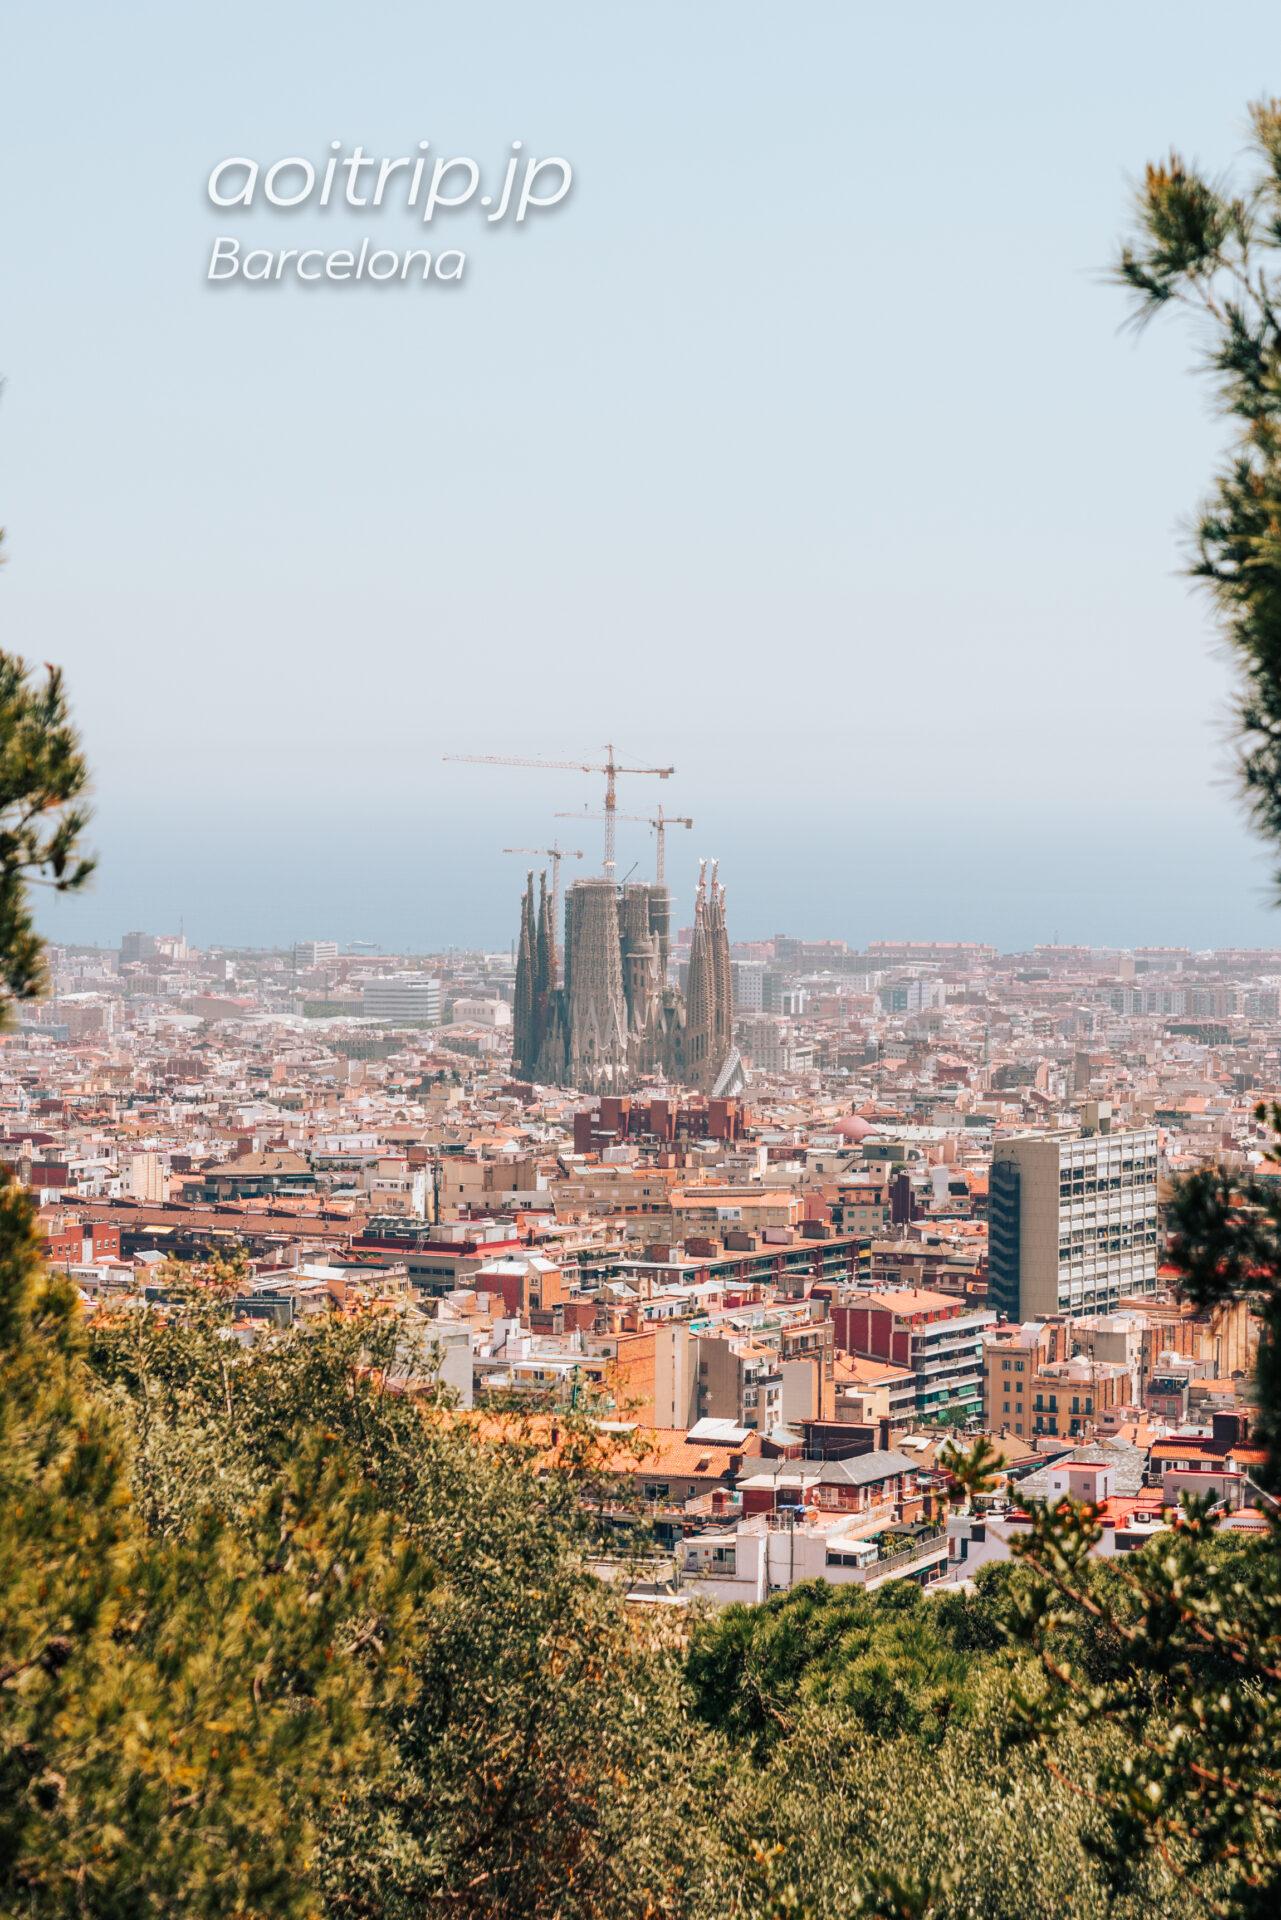 バルセロナ ゴルゴダの丘 Turó de les Tres Creusから望むサグラダファミリア